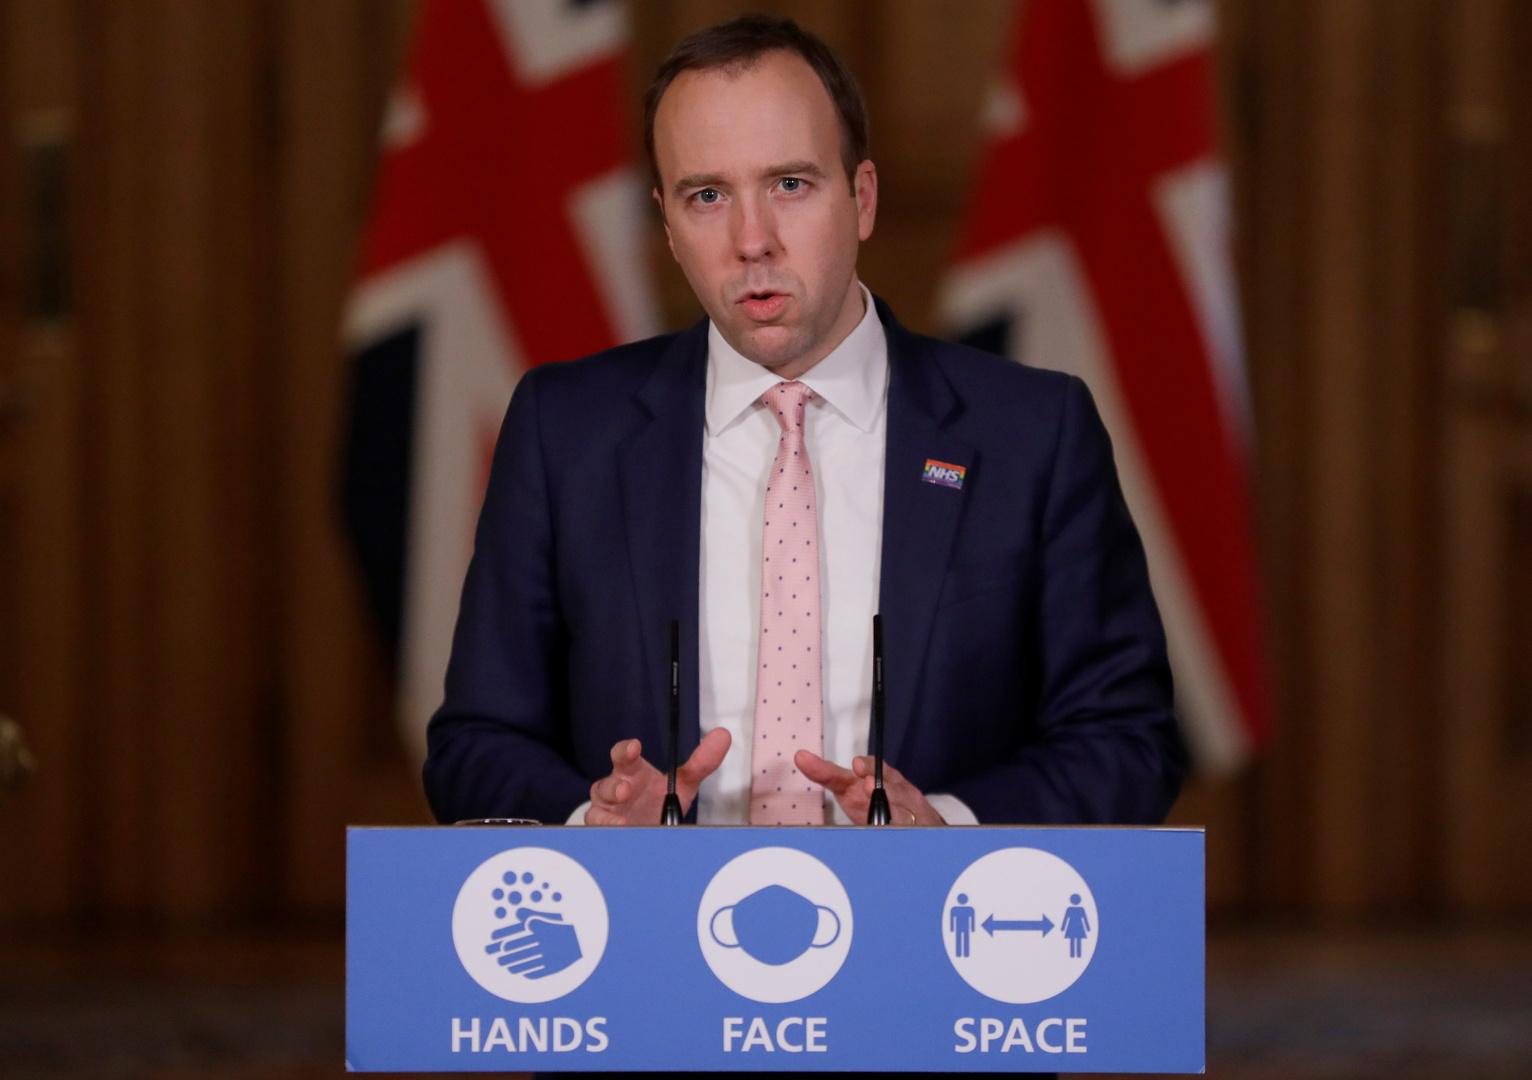 وزير الصحة البريطاني: السلالة الجديدة من كورونا مقلقة للغاية وتنتشر بسرعة